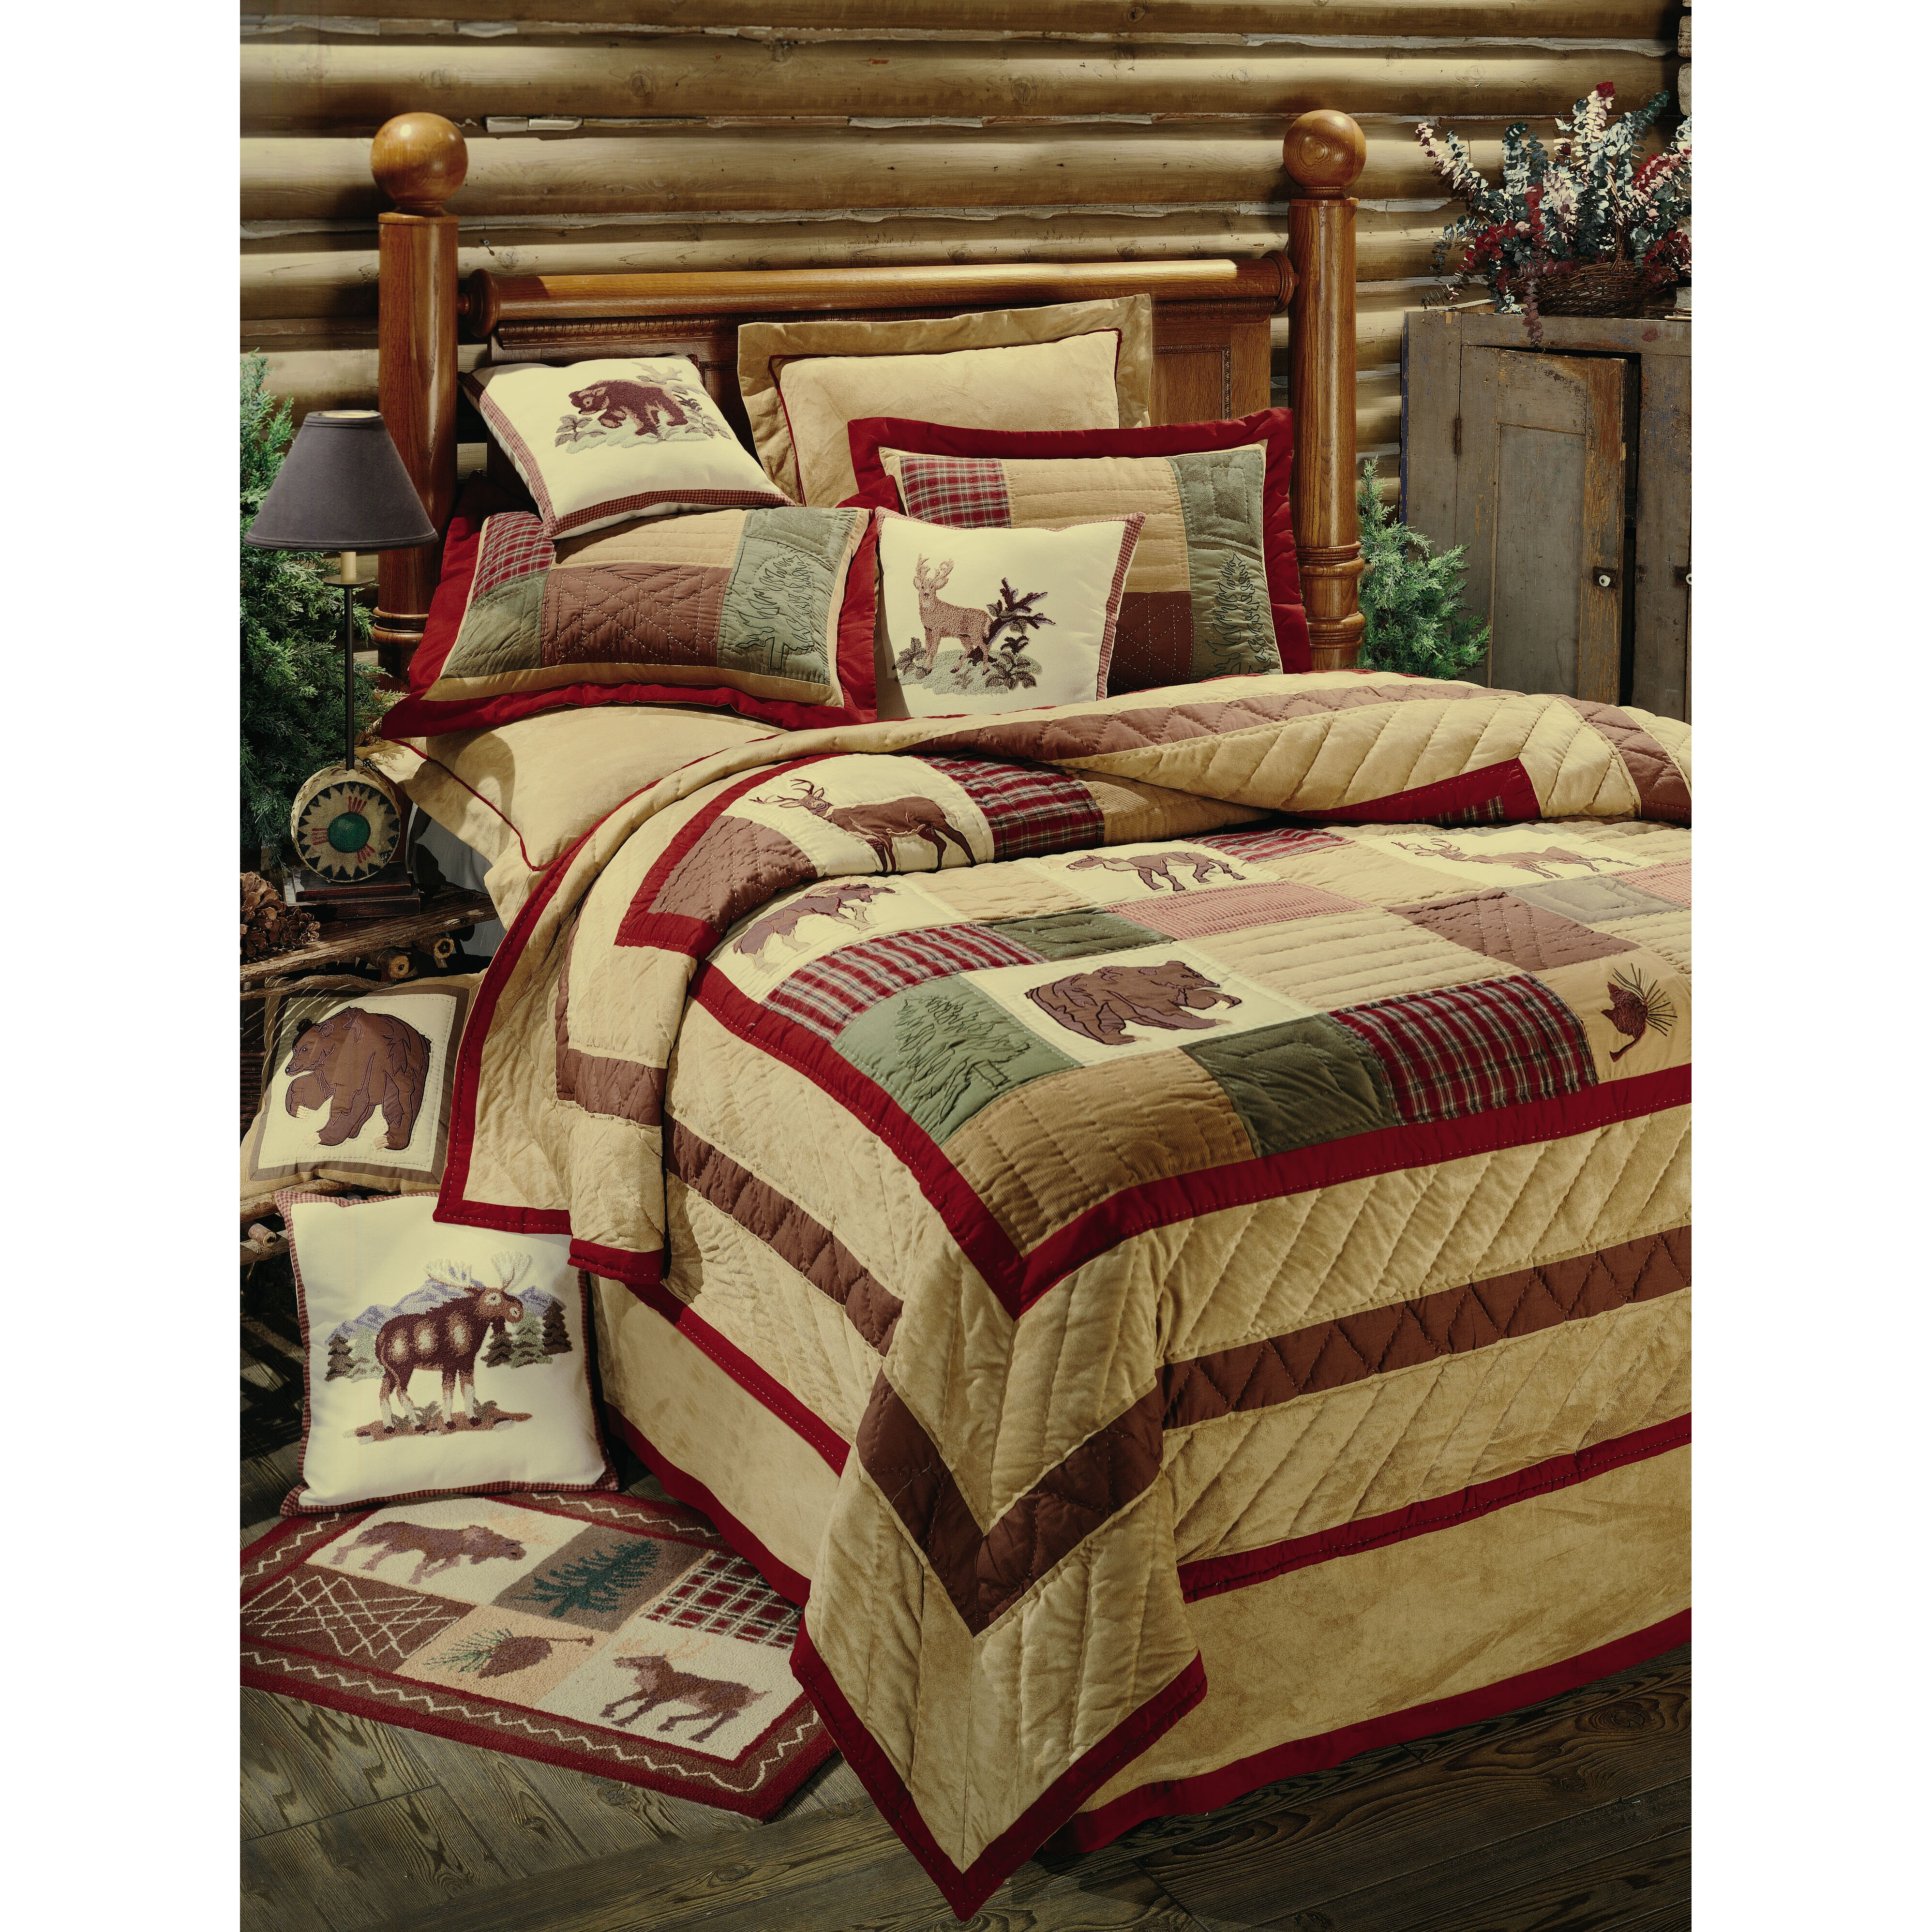 Christmas King Size Bedding